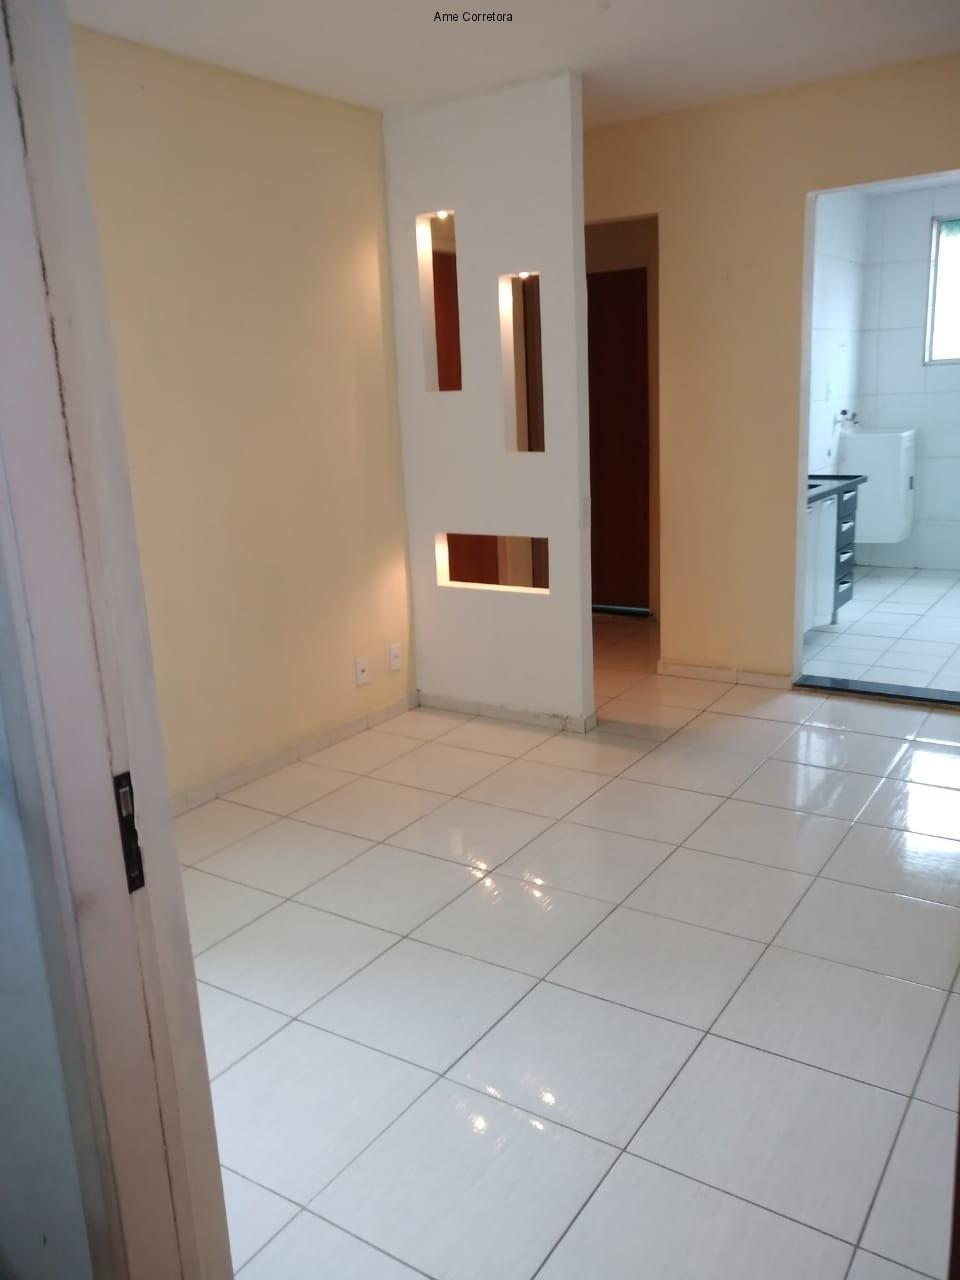 FOTO 01 - Apartamento 2 quartos para alugar Santíssimo, Rio de Janeiro - R$ 885 - AP00405 - 1